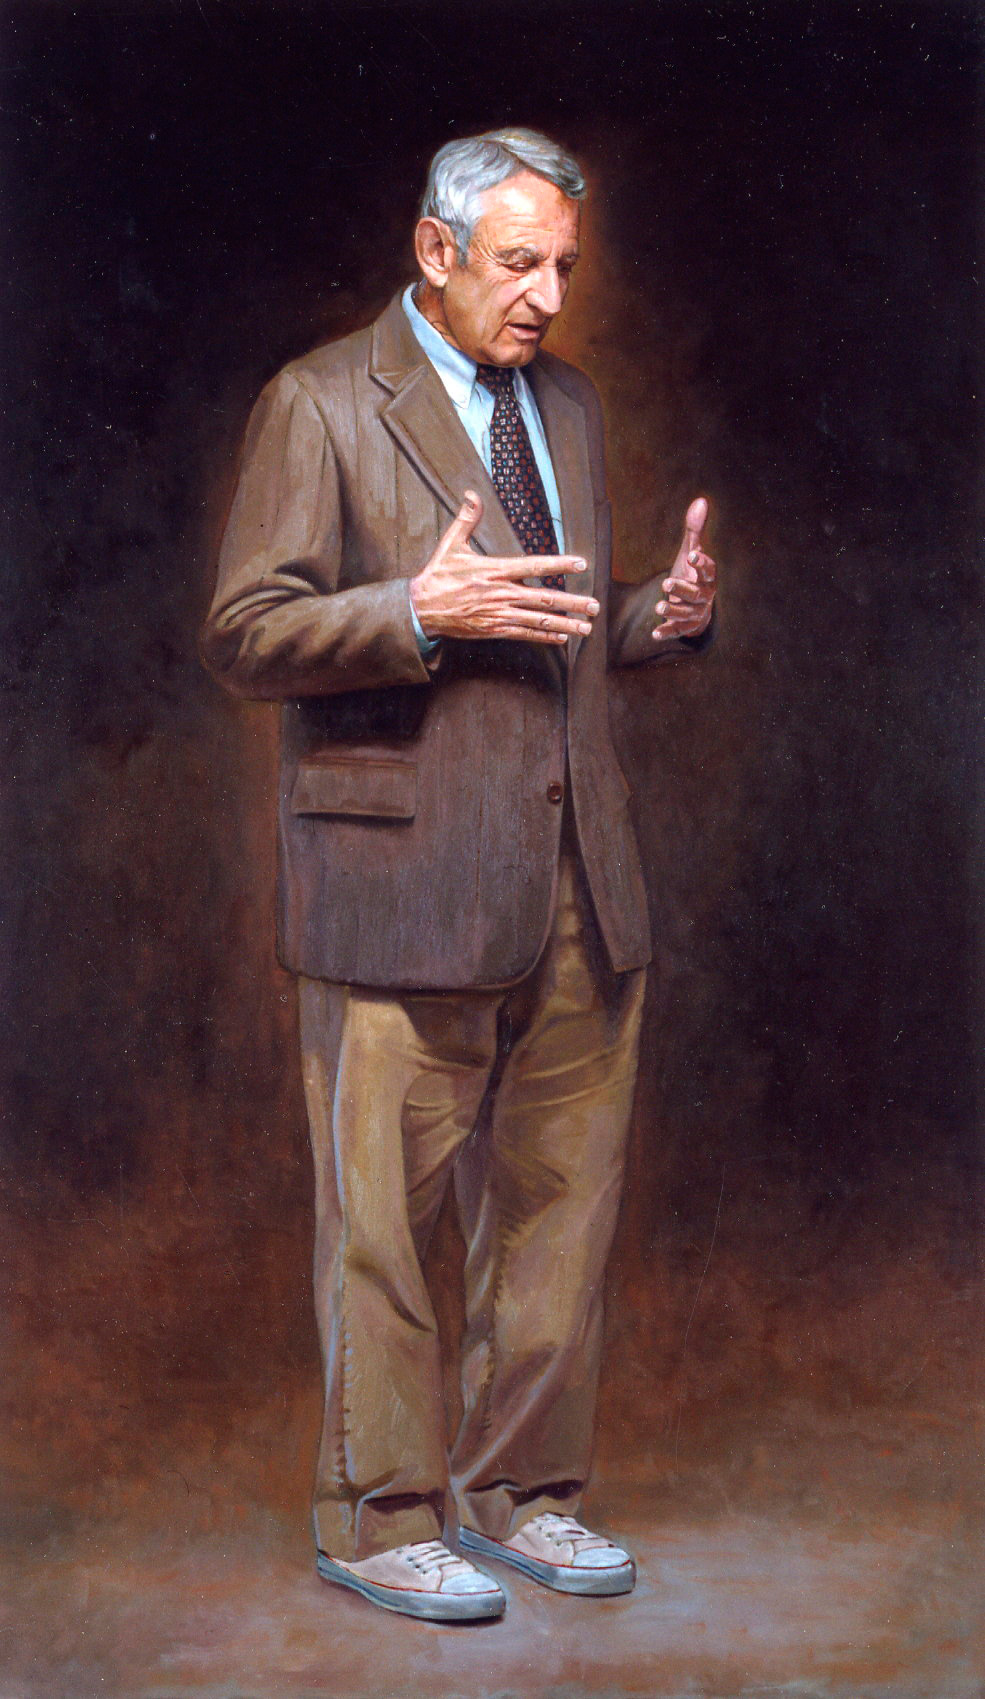 7-Charles-Reich-Yale-Law-School-oil_canvas-38x58-96x147cm.jpg